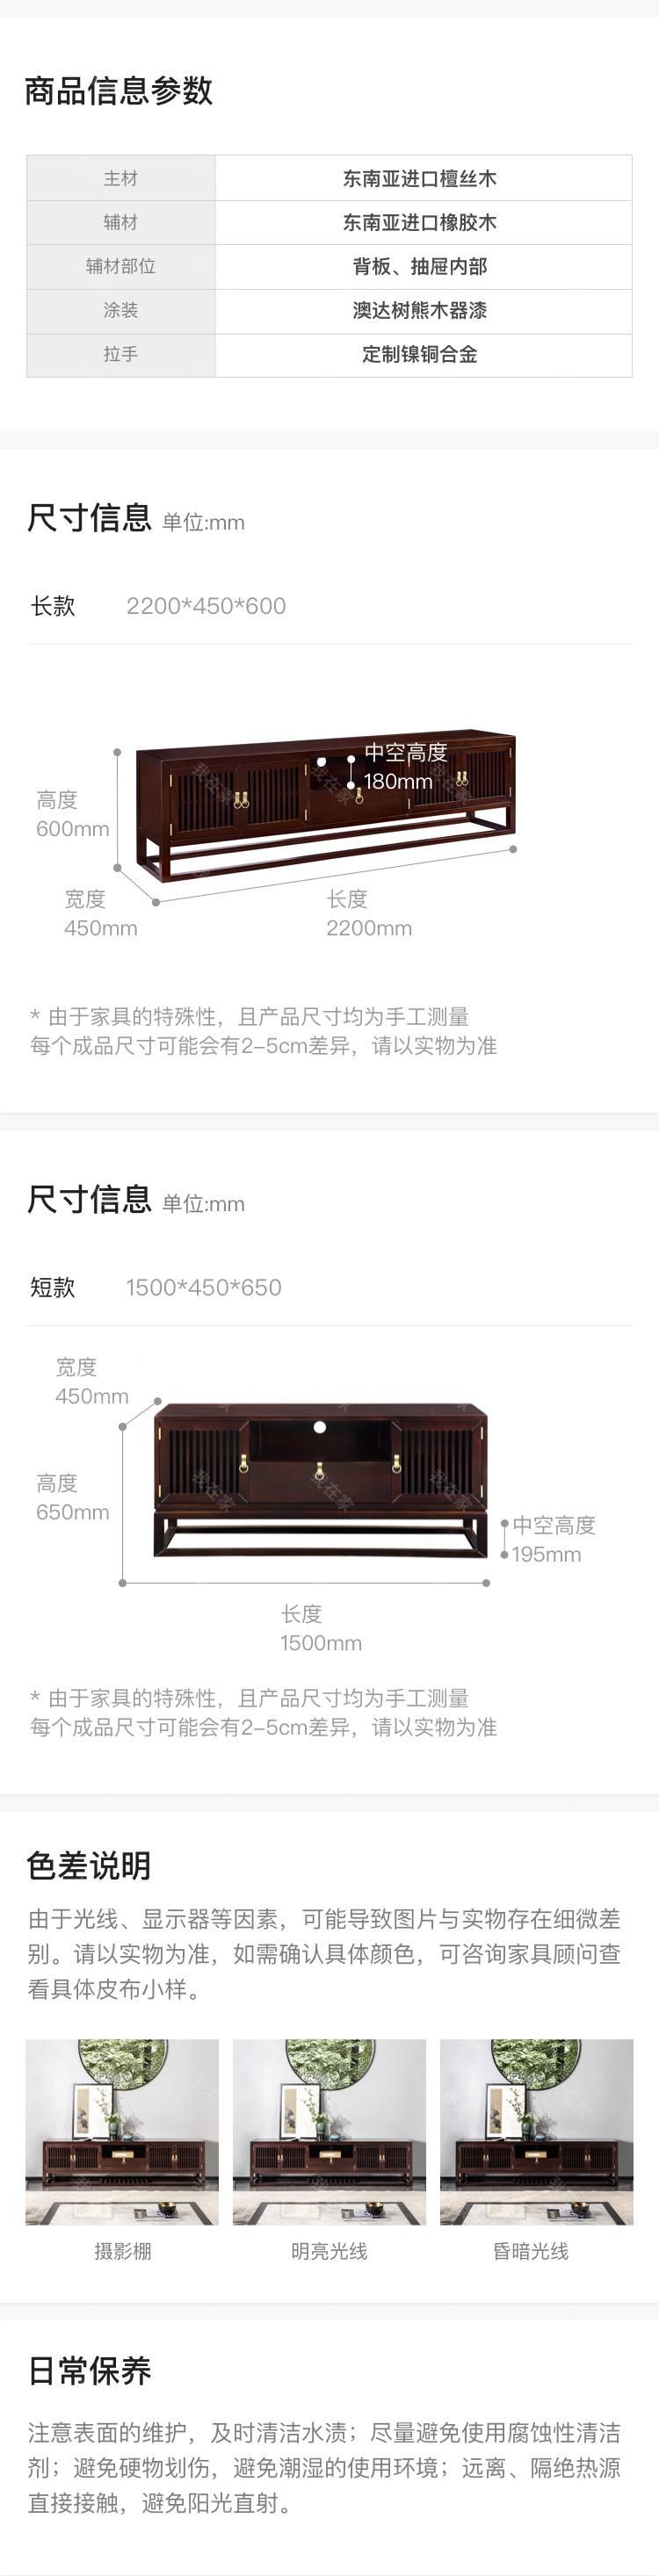 新中式风格疏影电视柜的家具详细介绍